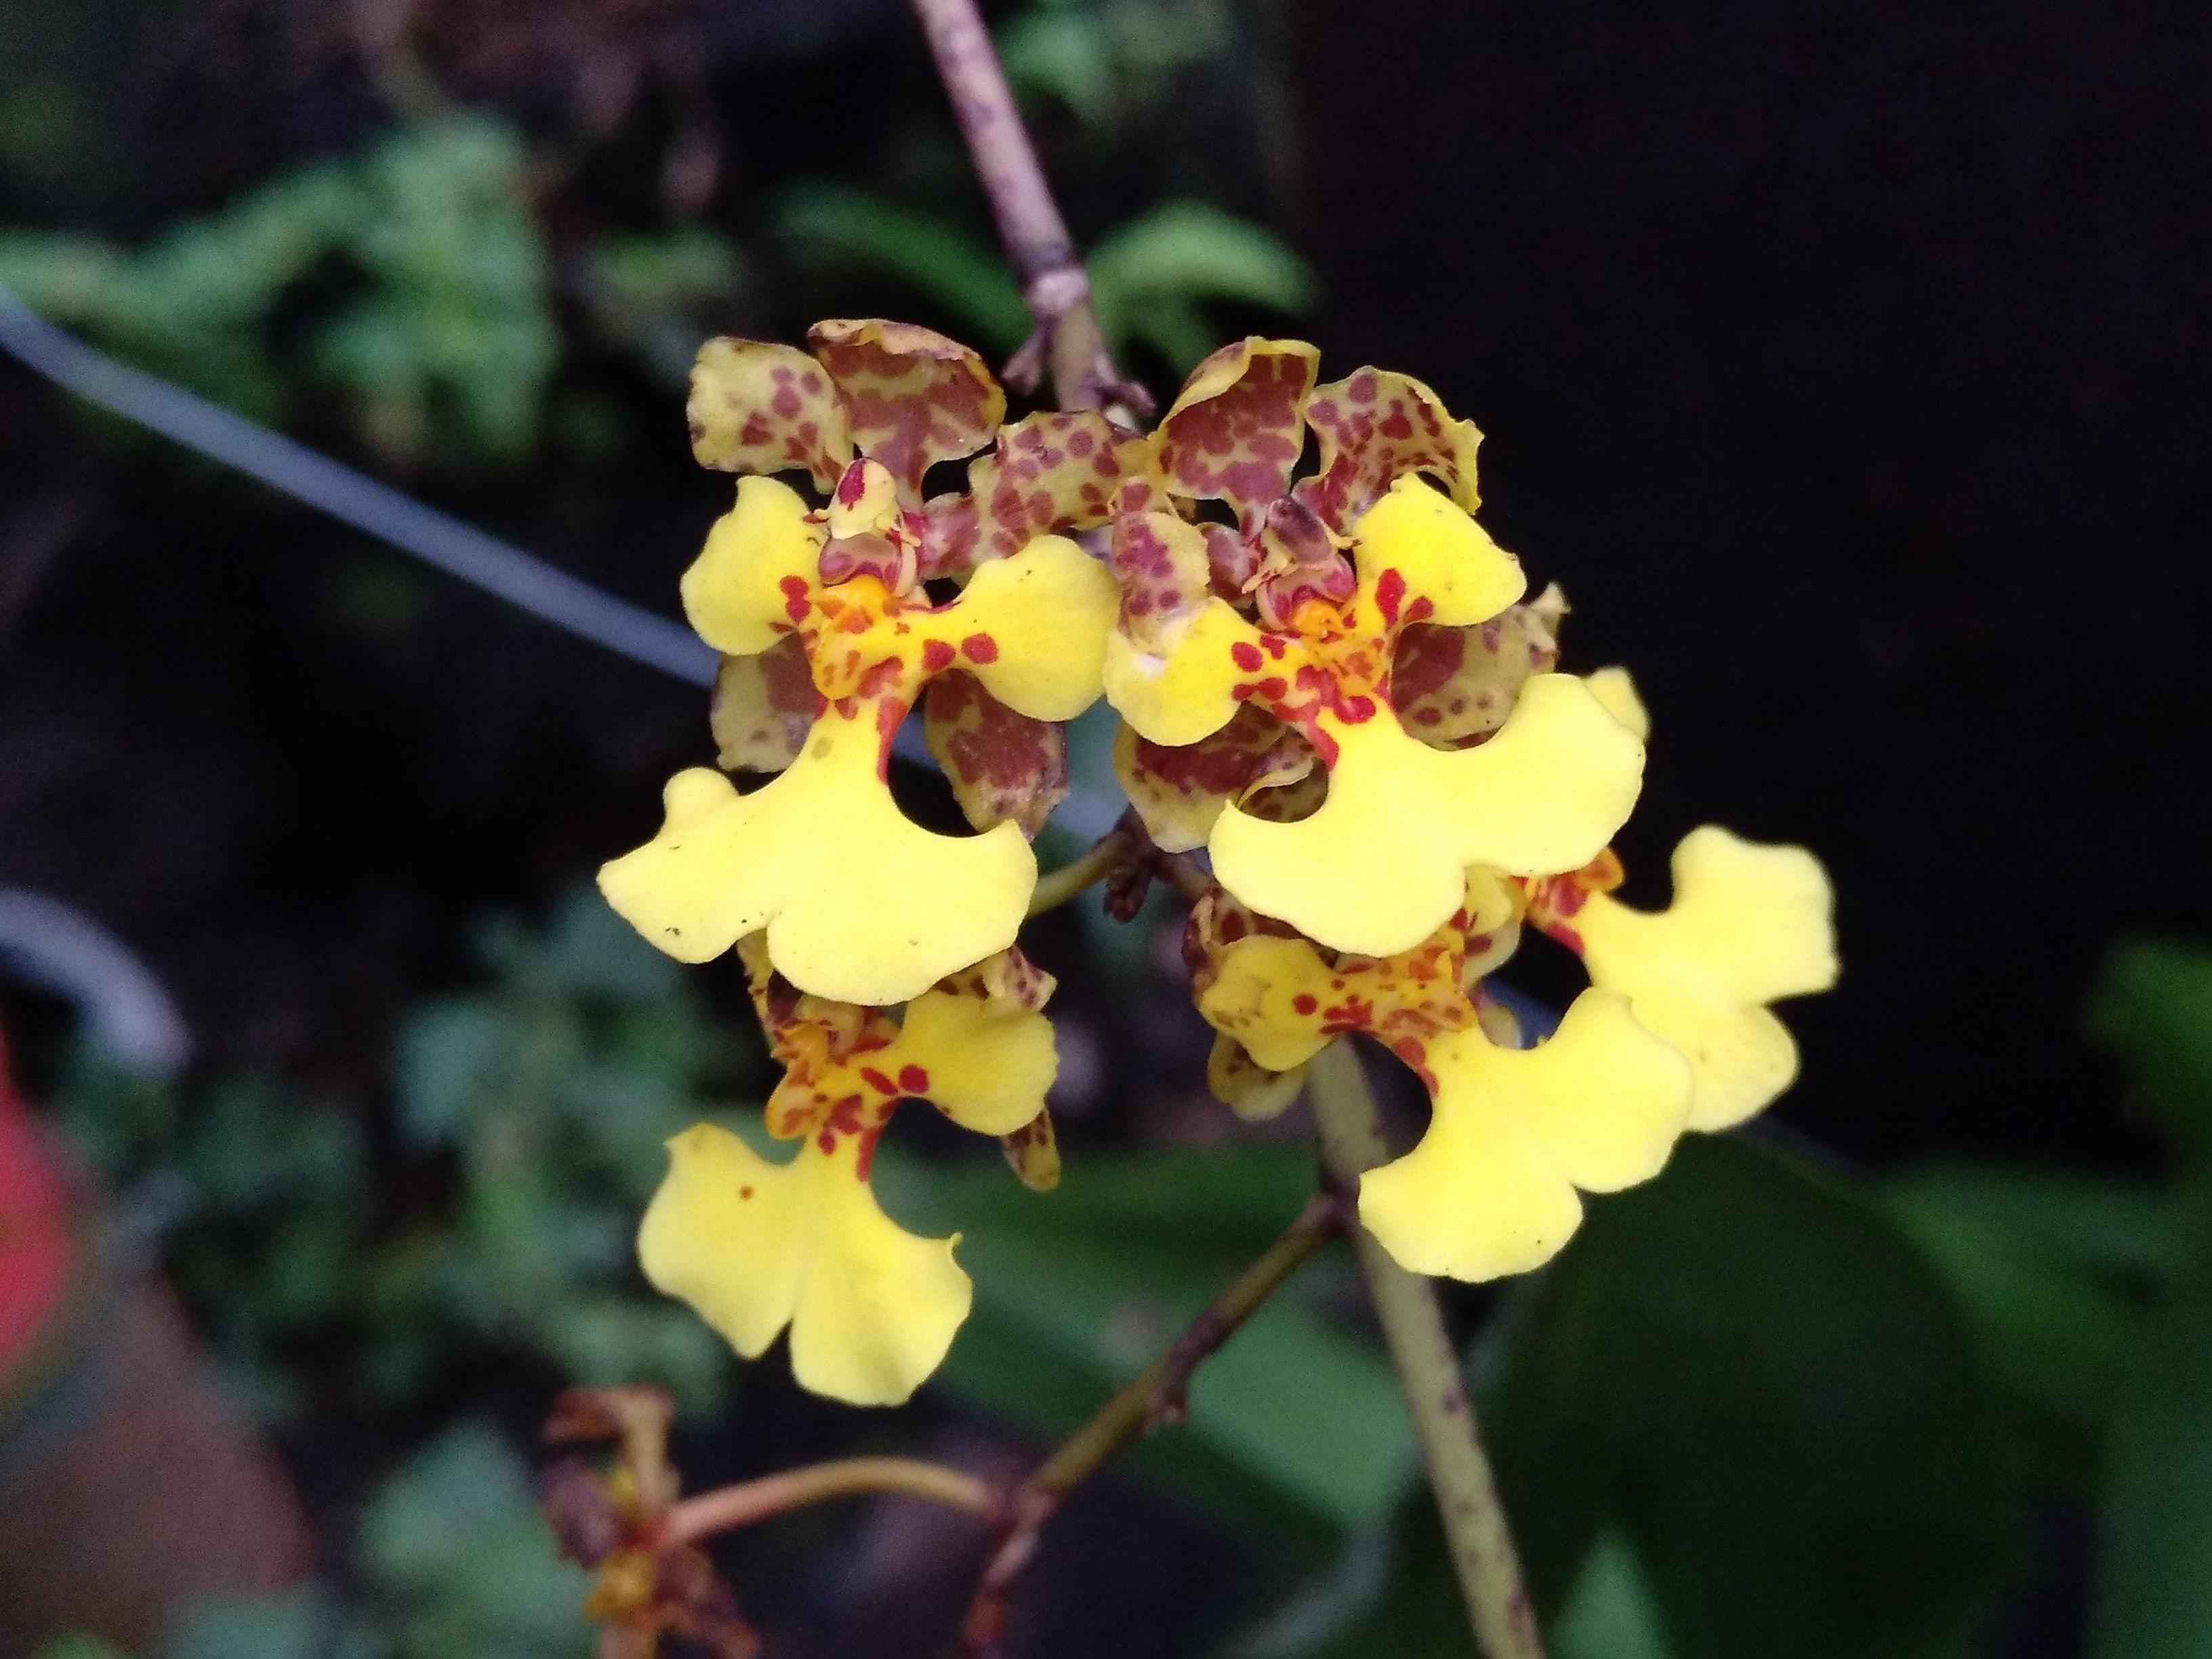 Oncidium bolivianense